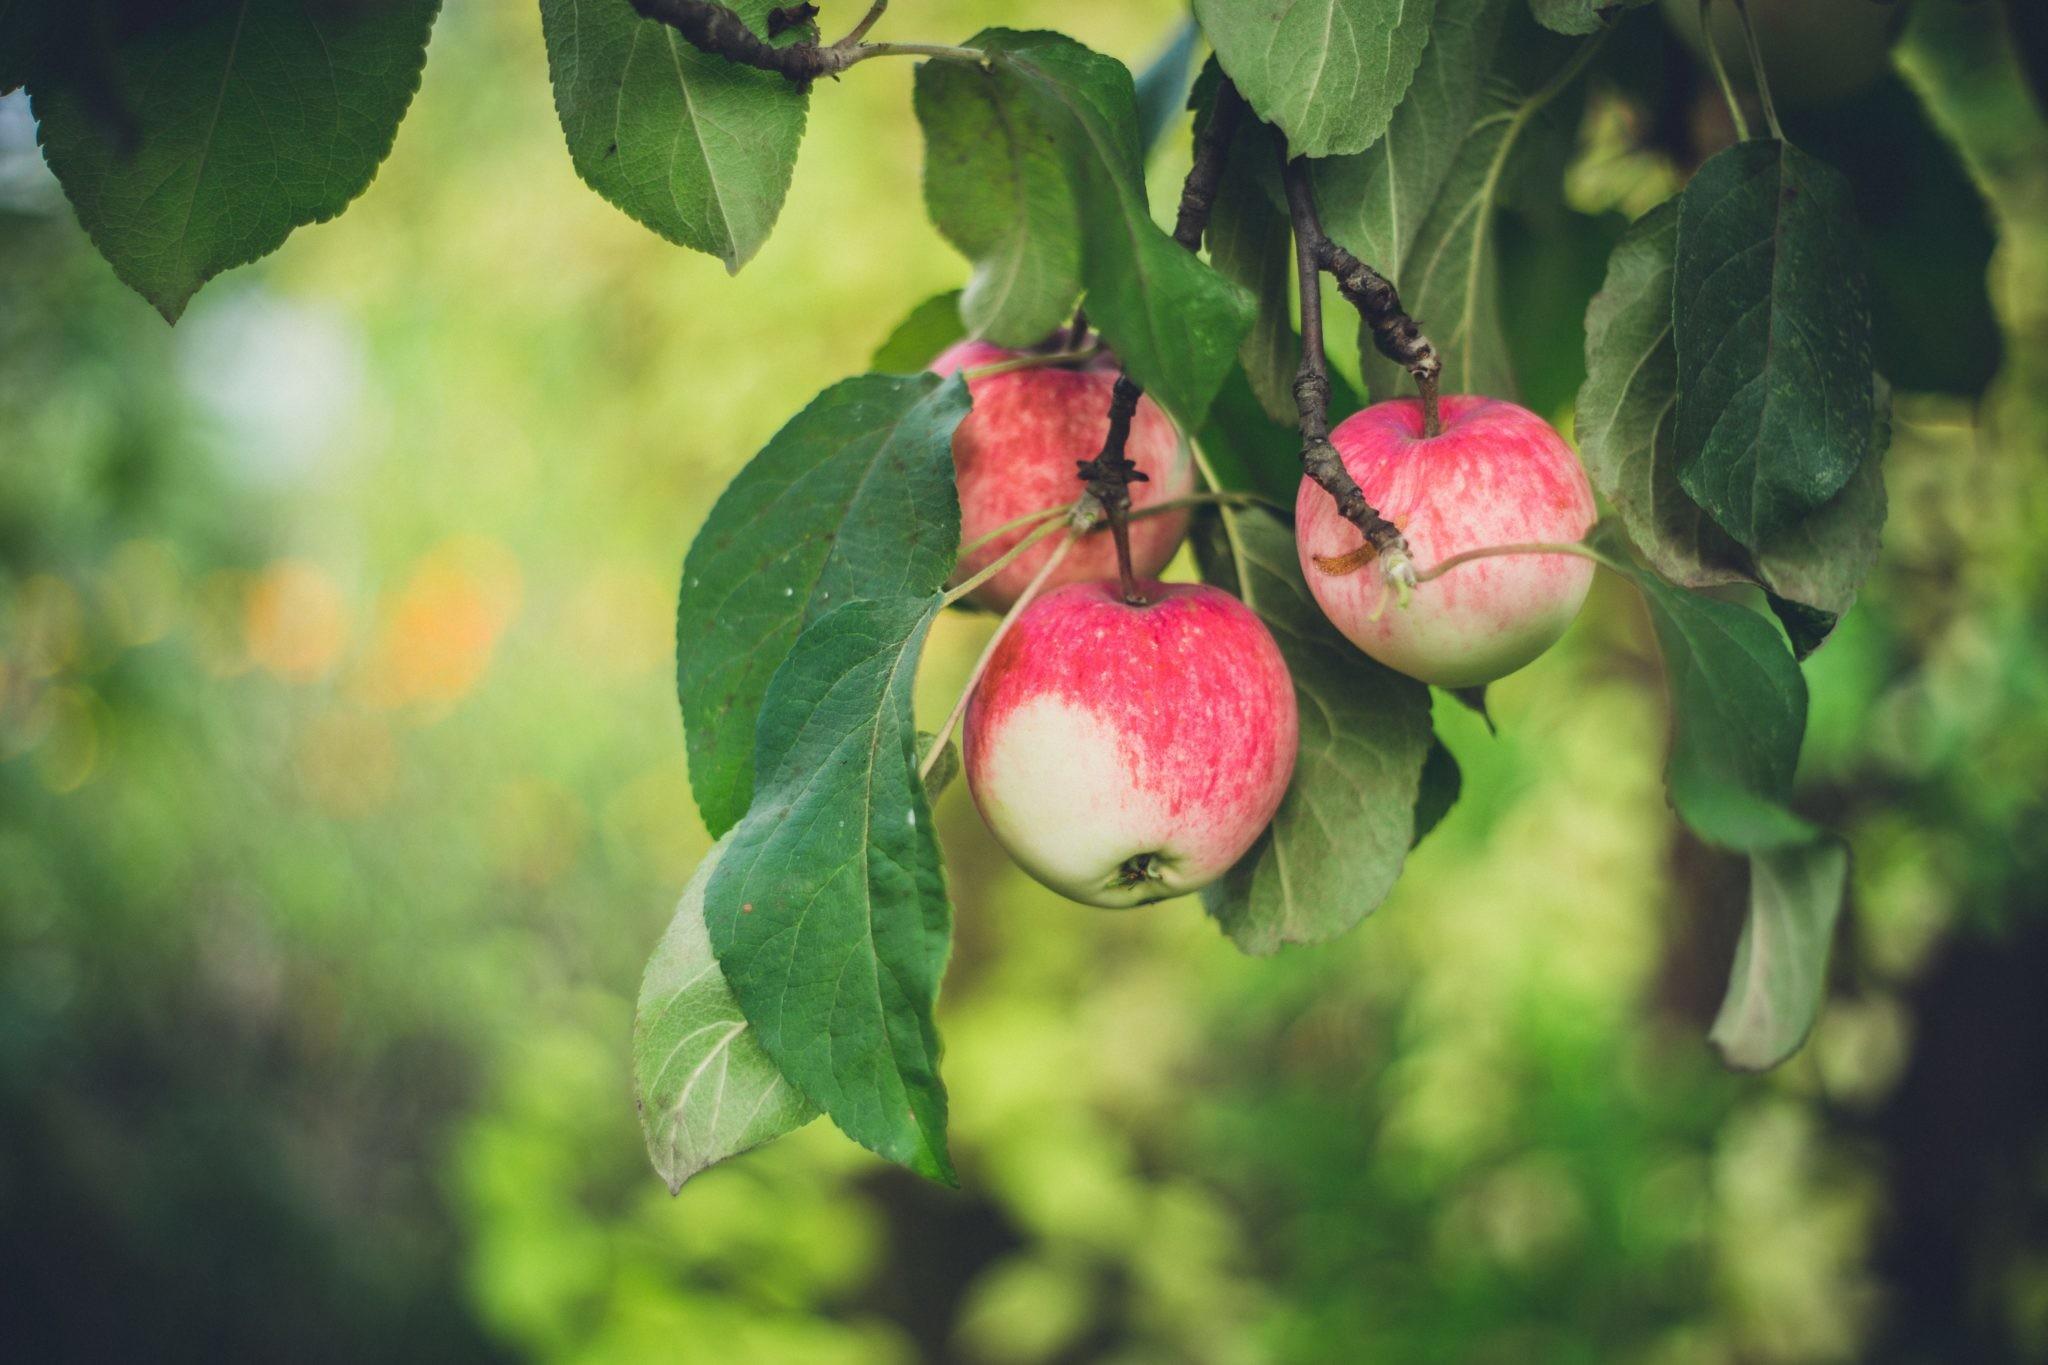 Факт дня: одно яблоко в день может предотвратить сердечный приступ